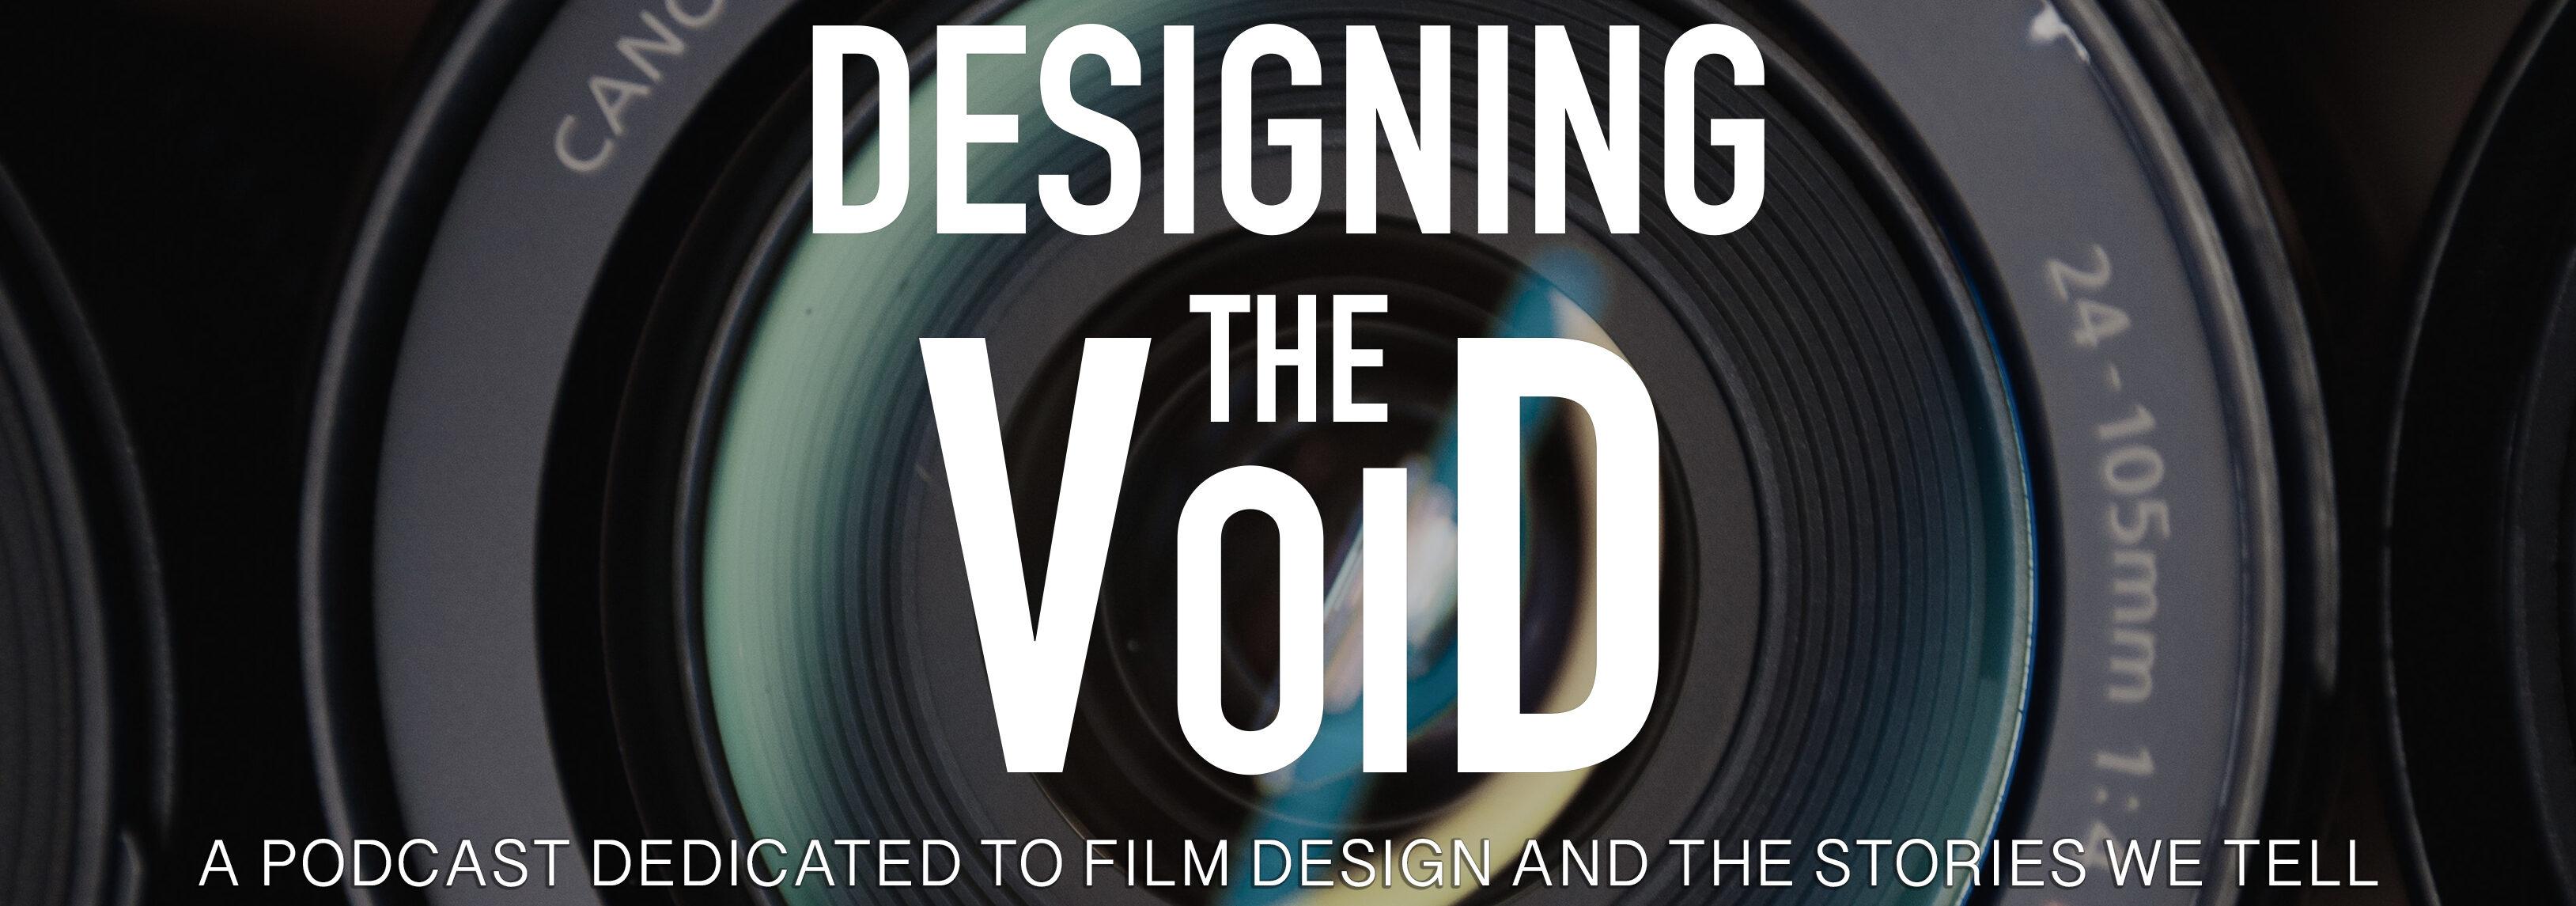 Designing the Void